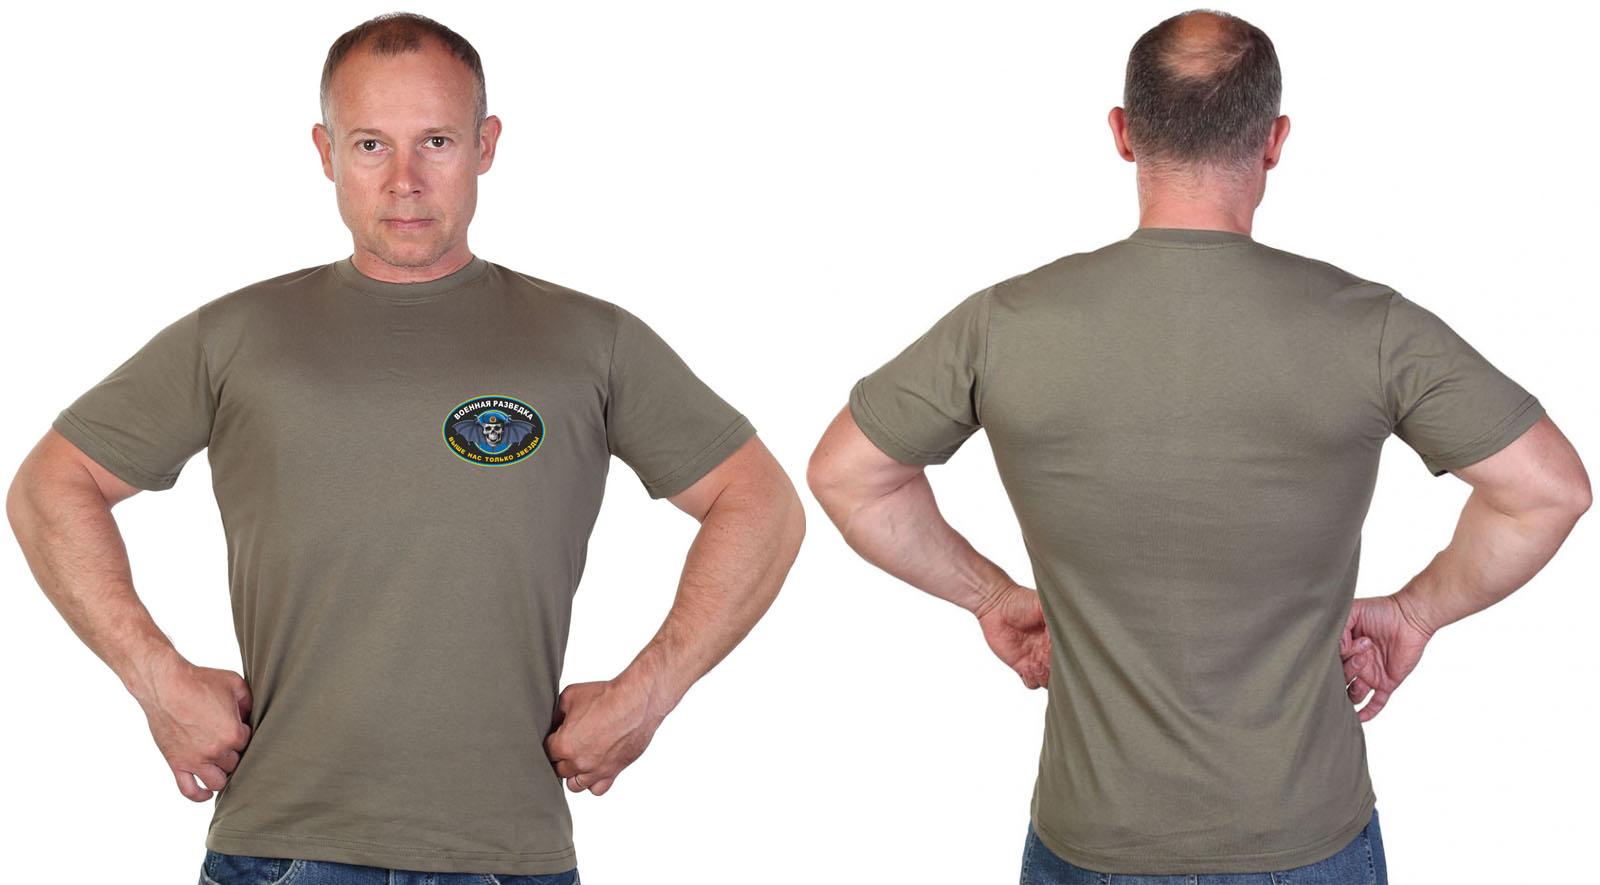 Оливковая футболка с термотрансфером Войсковой разведки